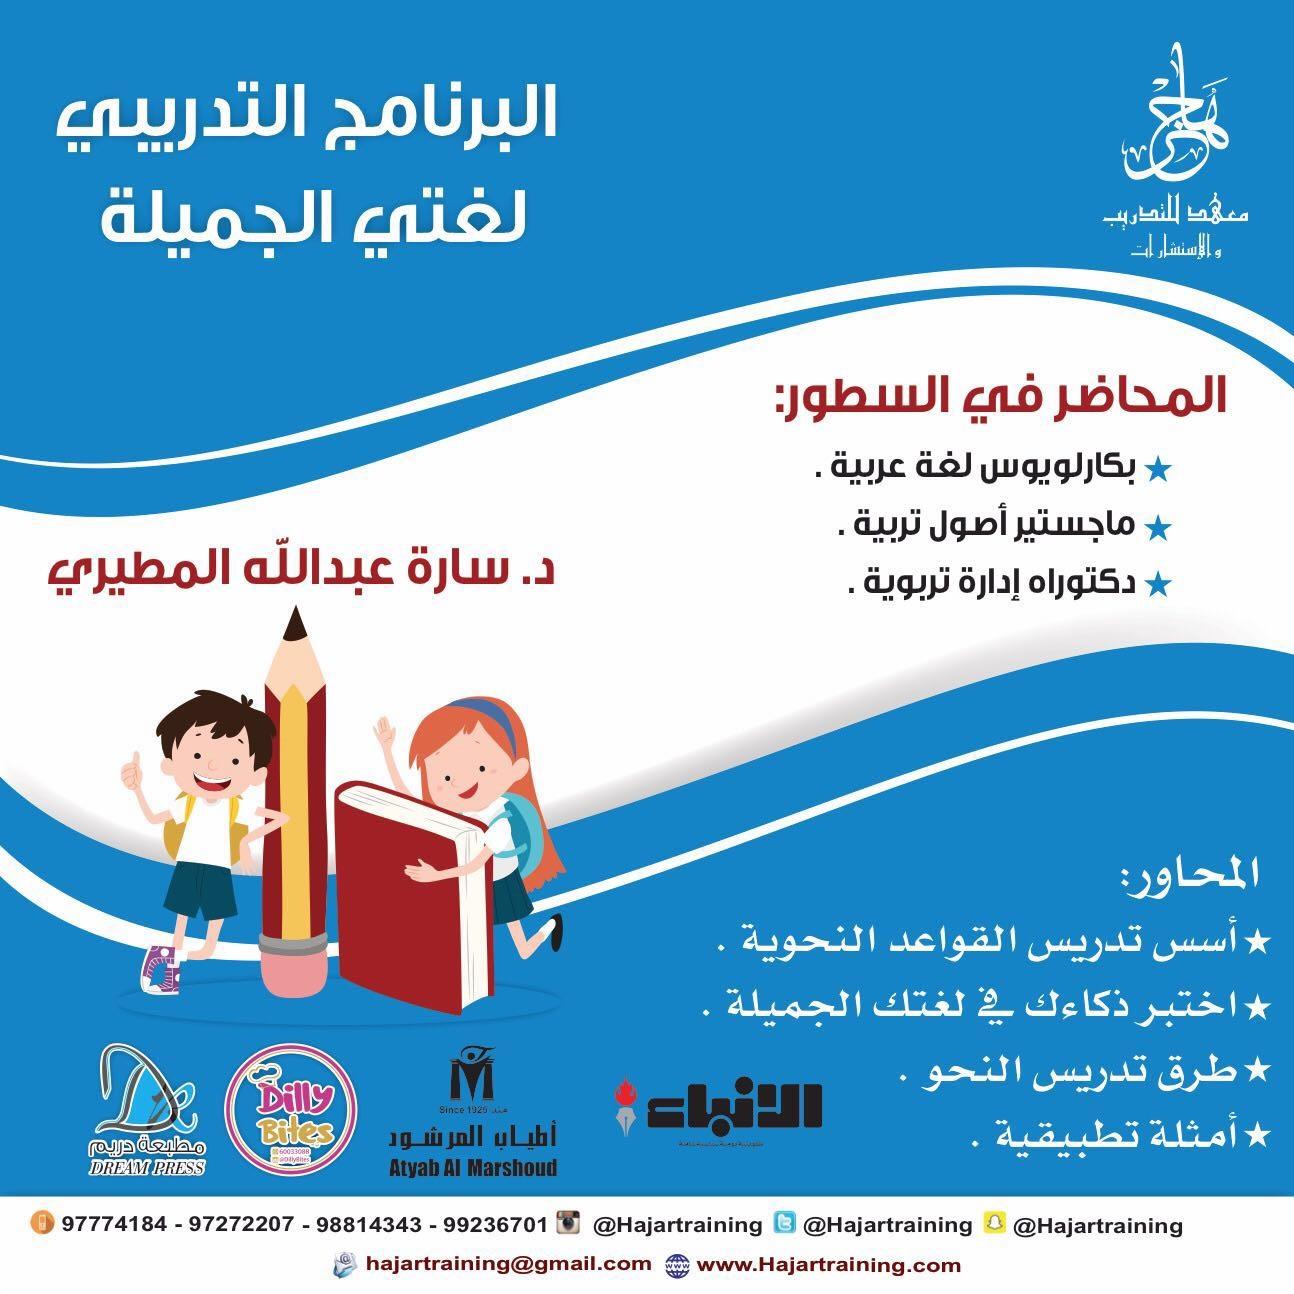 دورة لغتي الجميلة للدكتورة سارة المطيري 12/9/2018